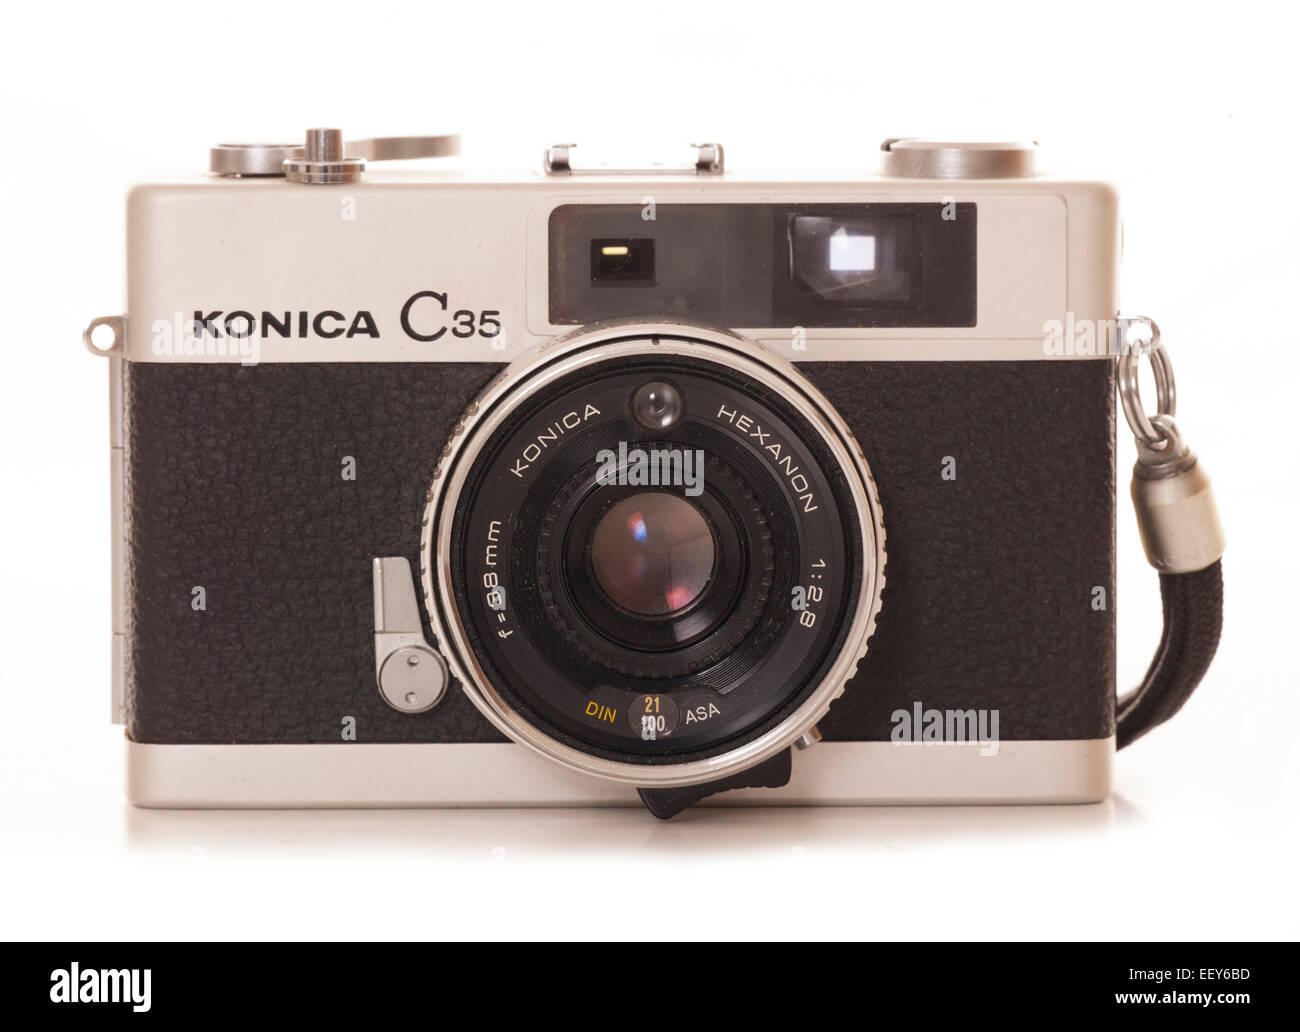 Konica c35 fotocamera fotocamera film di ritaglio Foto Stock